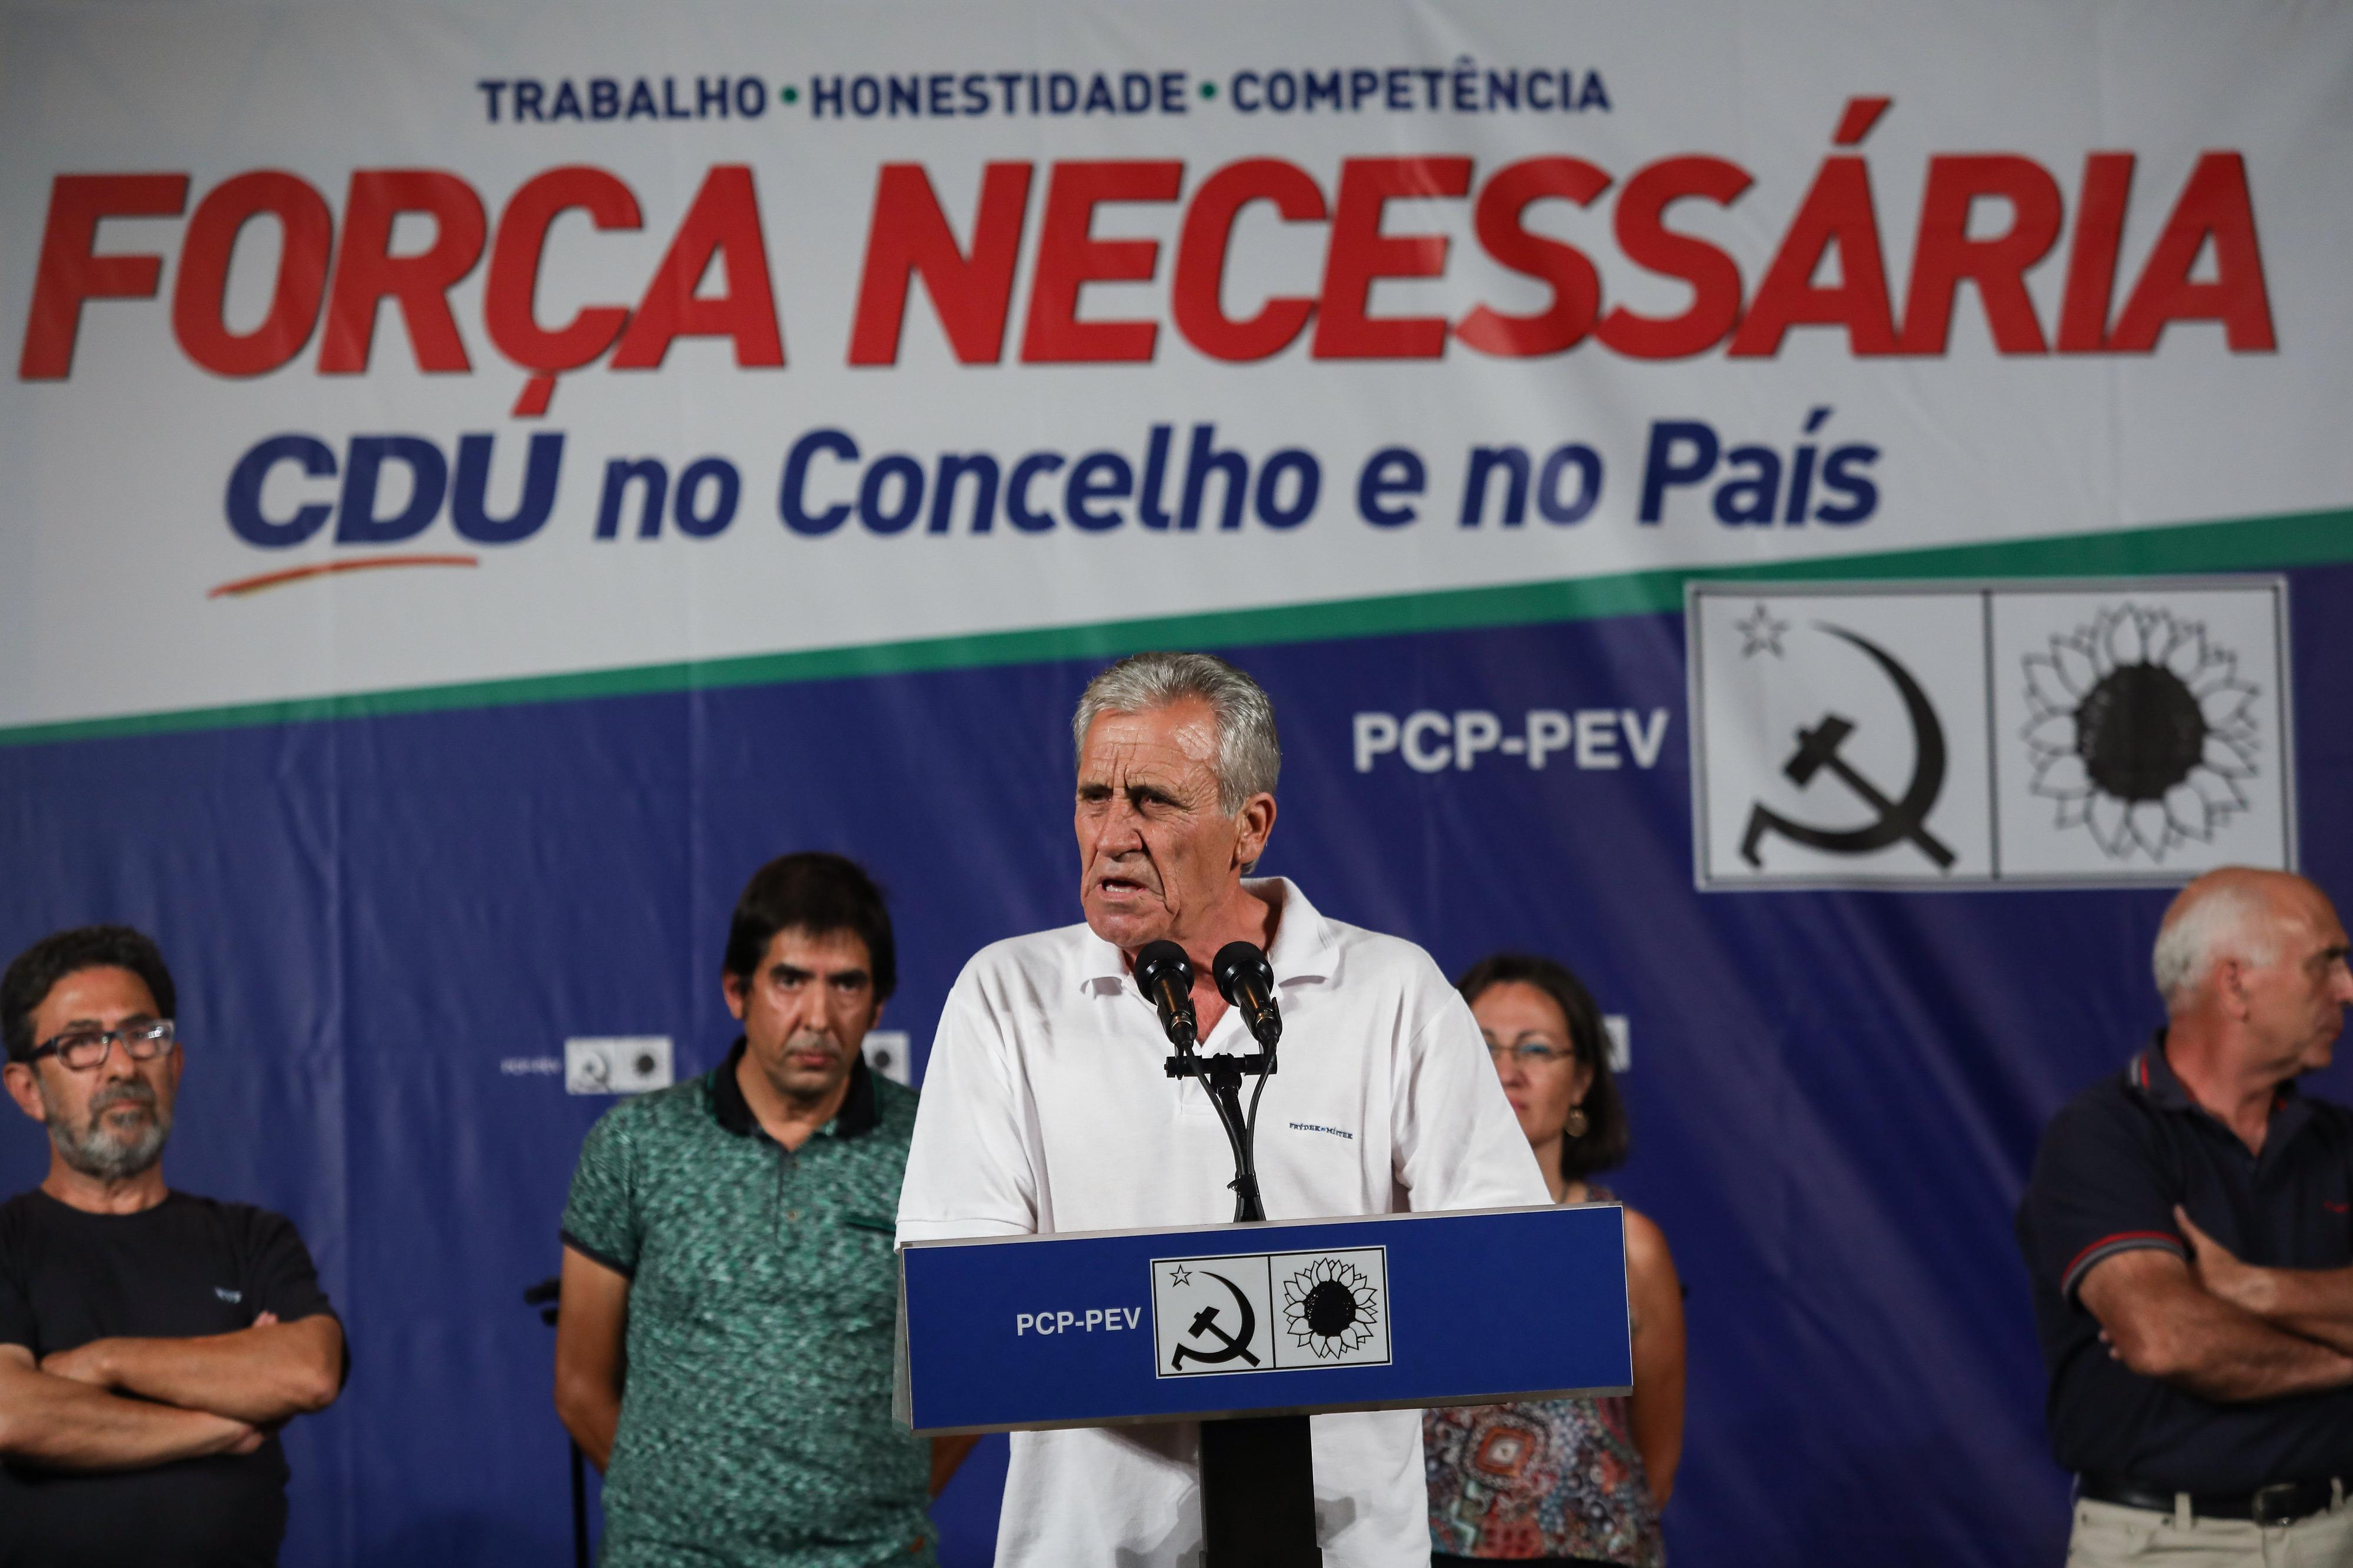 CDU apresenta maior número de listas de sempre, diz Jerónimo de Sousa